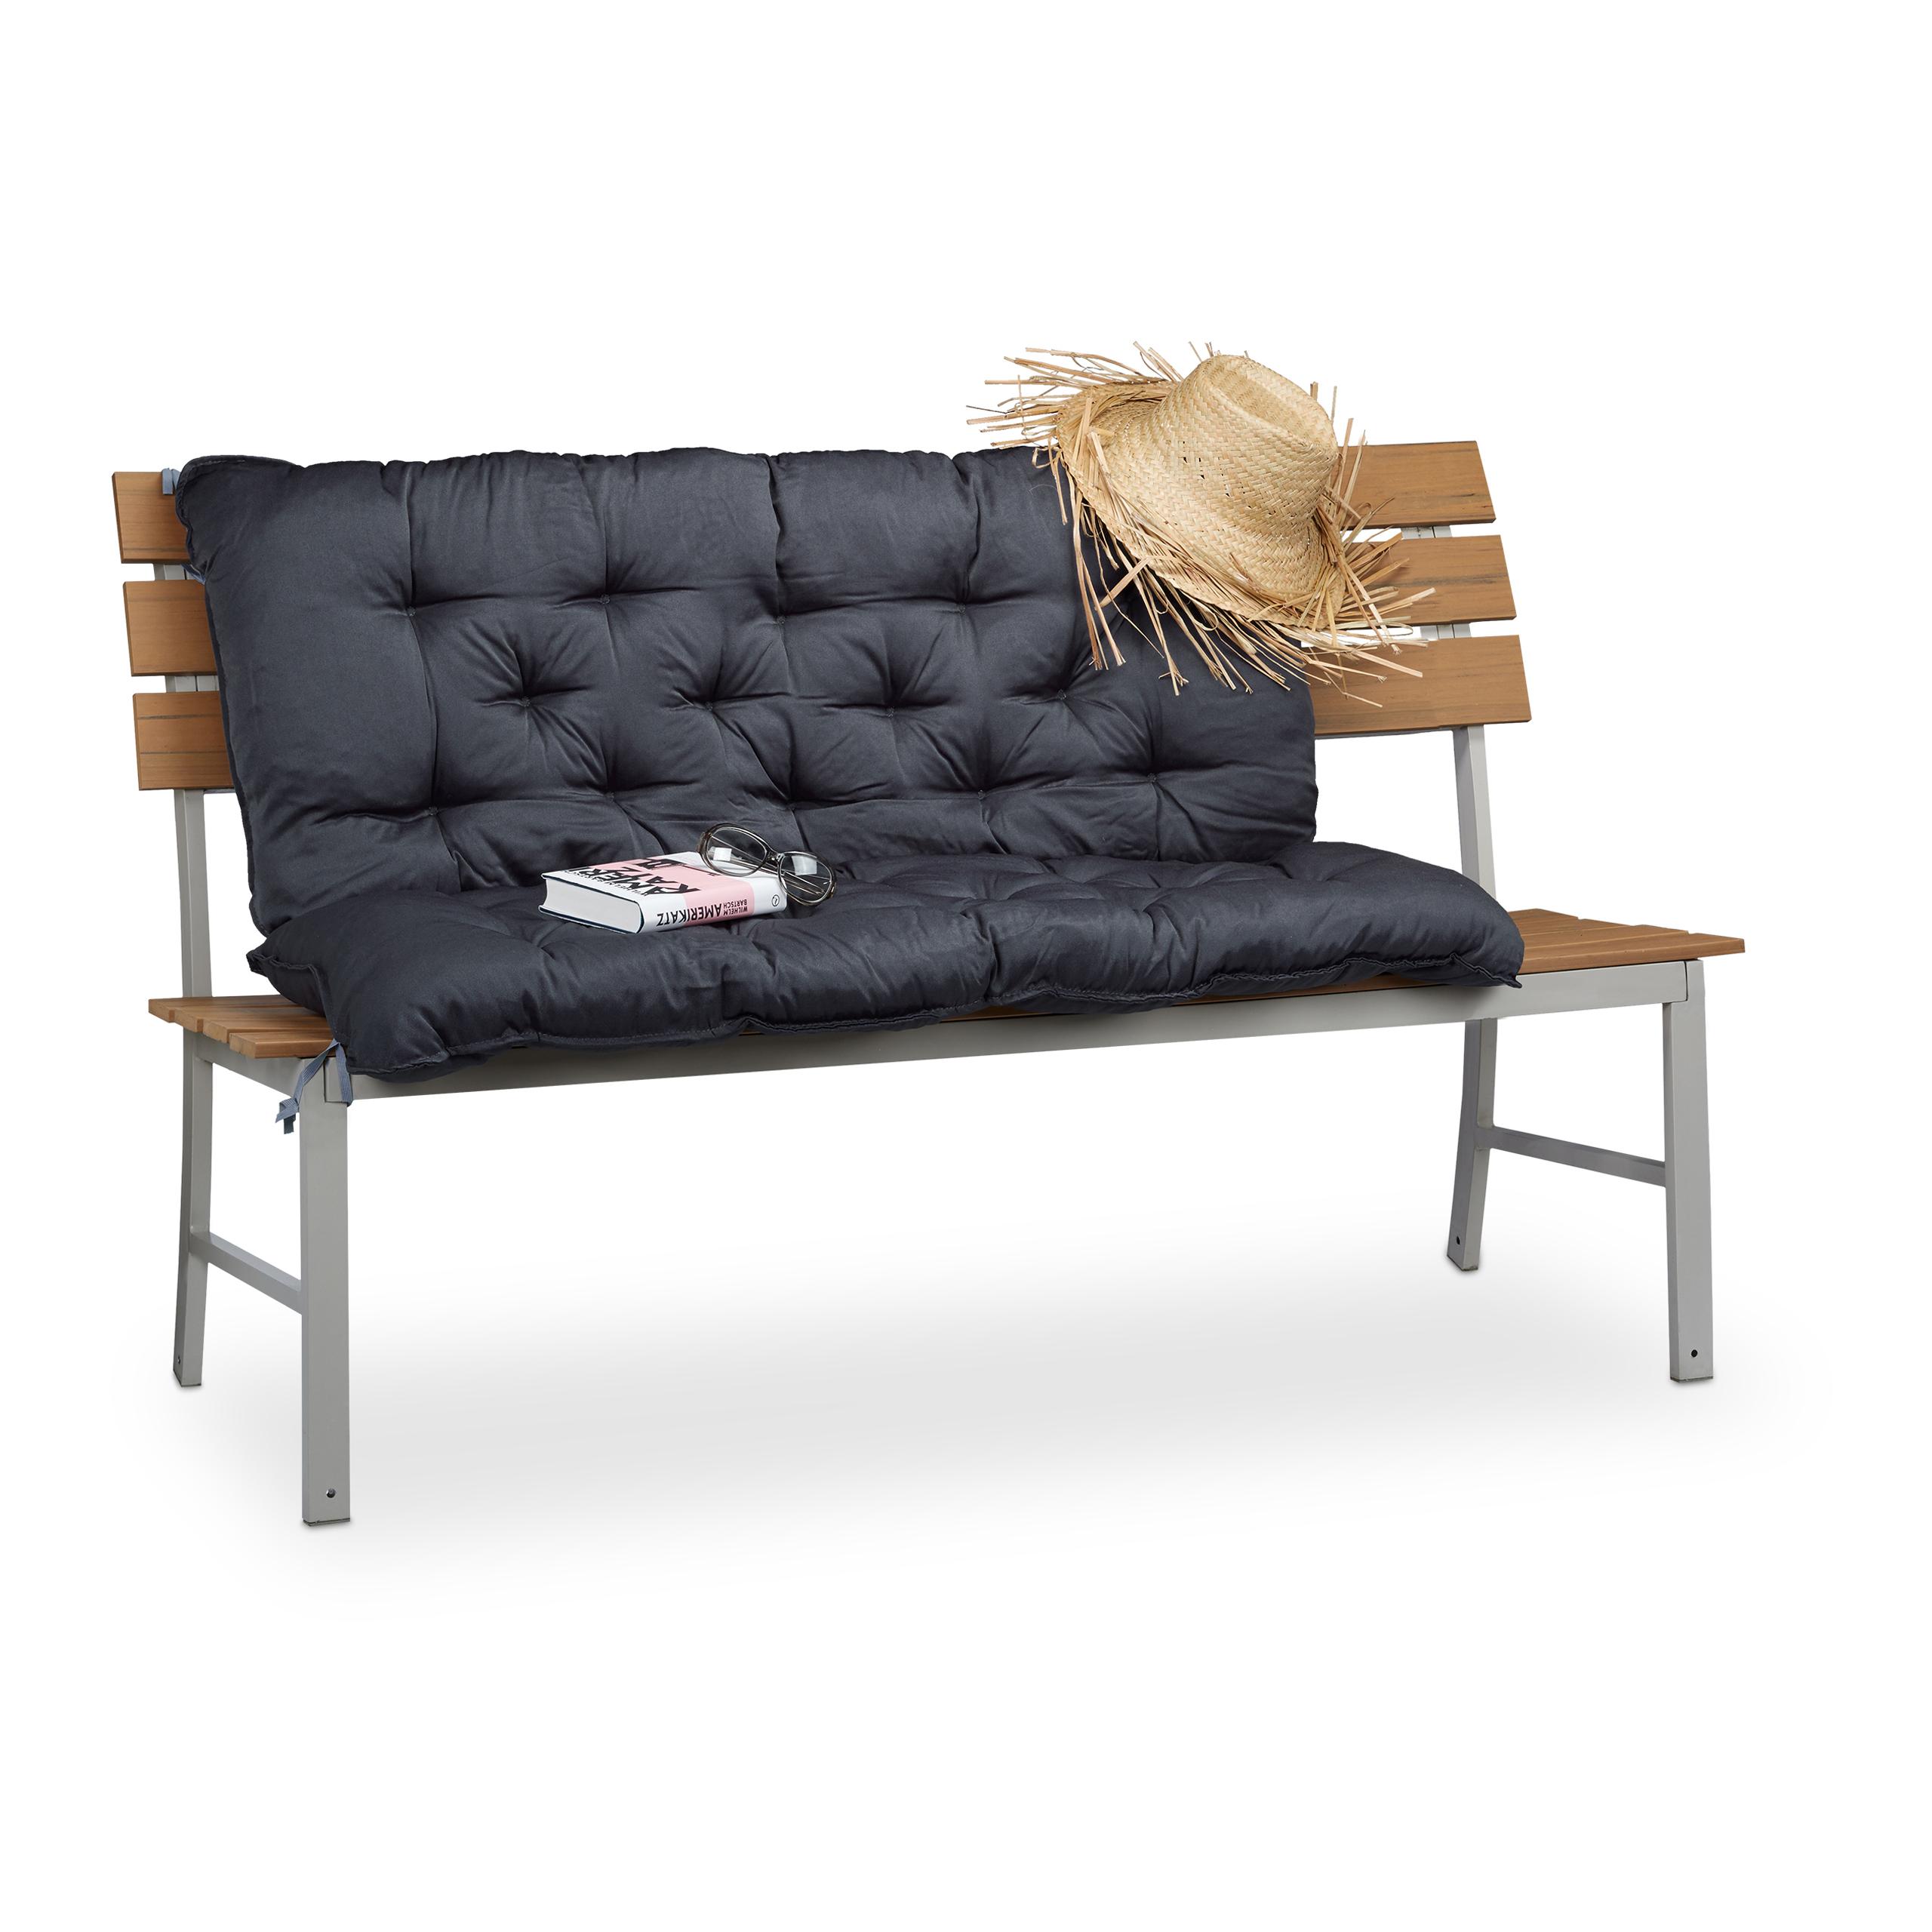 Cuscino per panca con schienale, 120x100, imbottitura per panchina ...